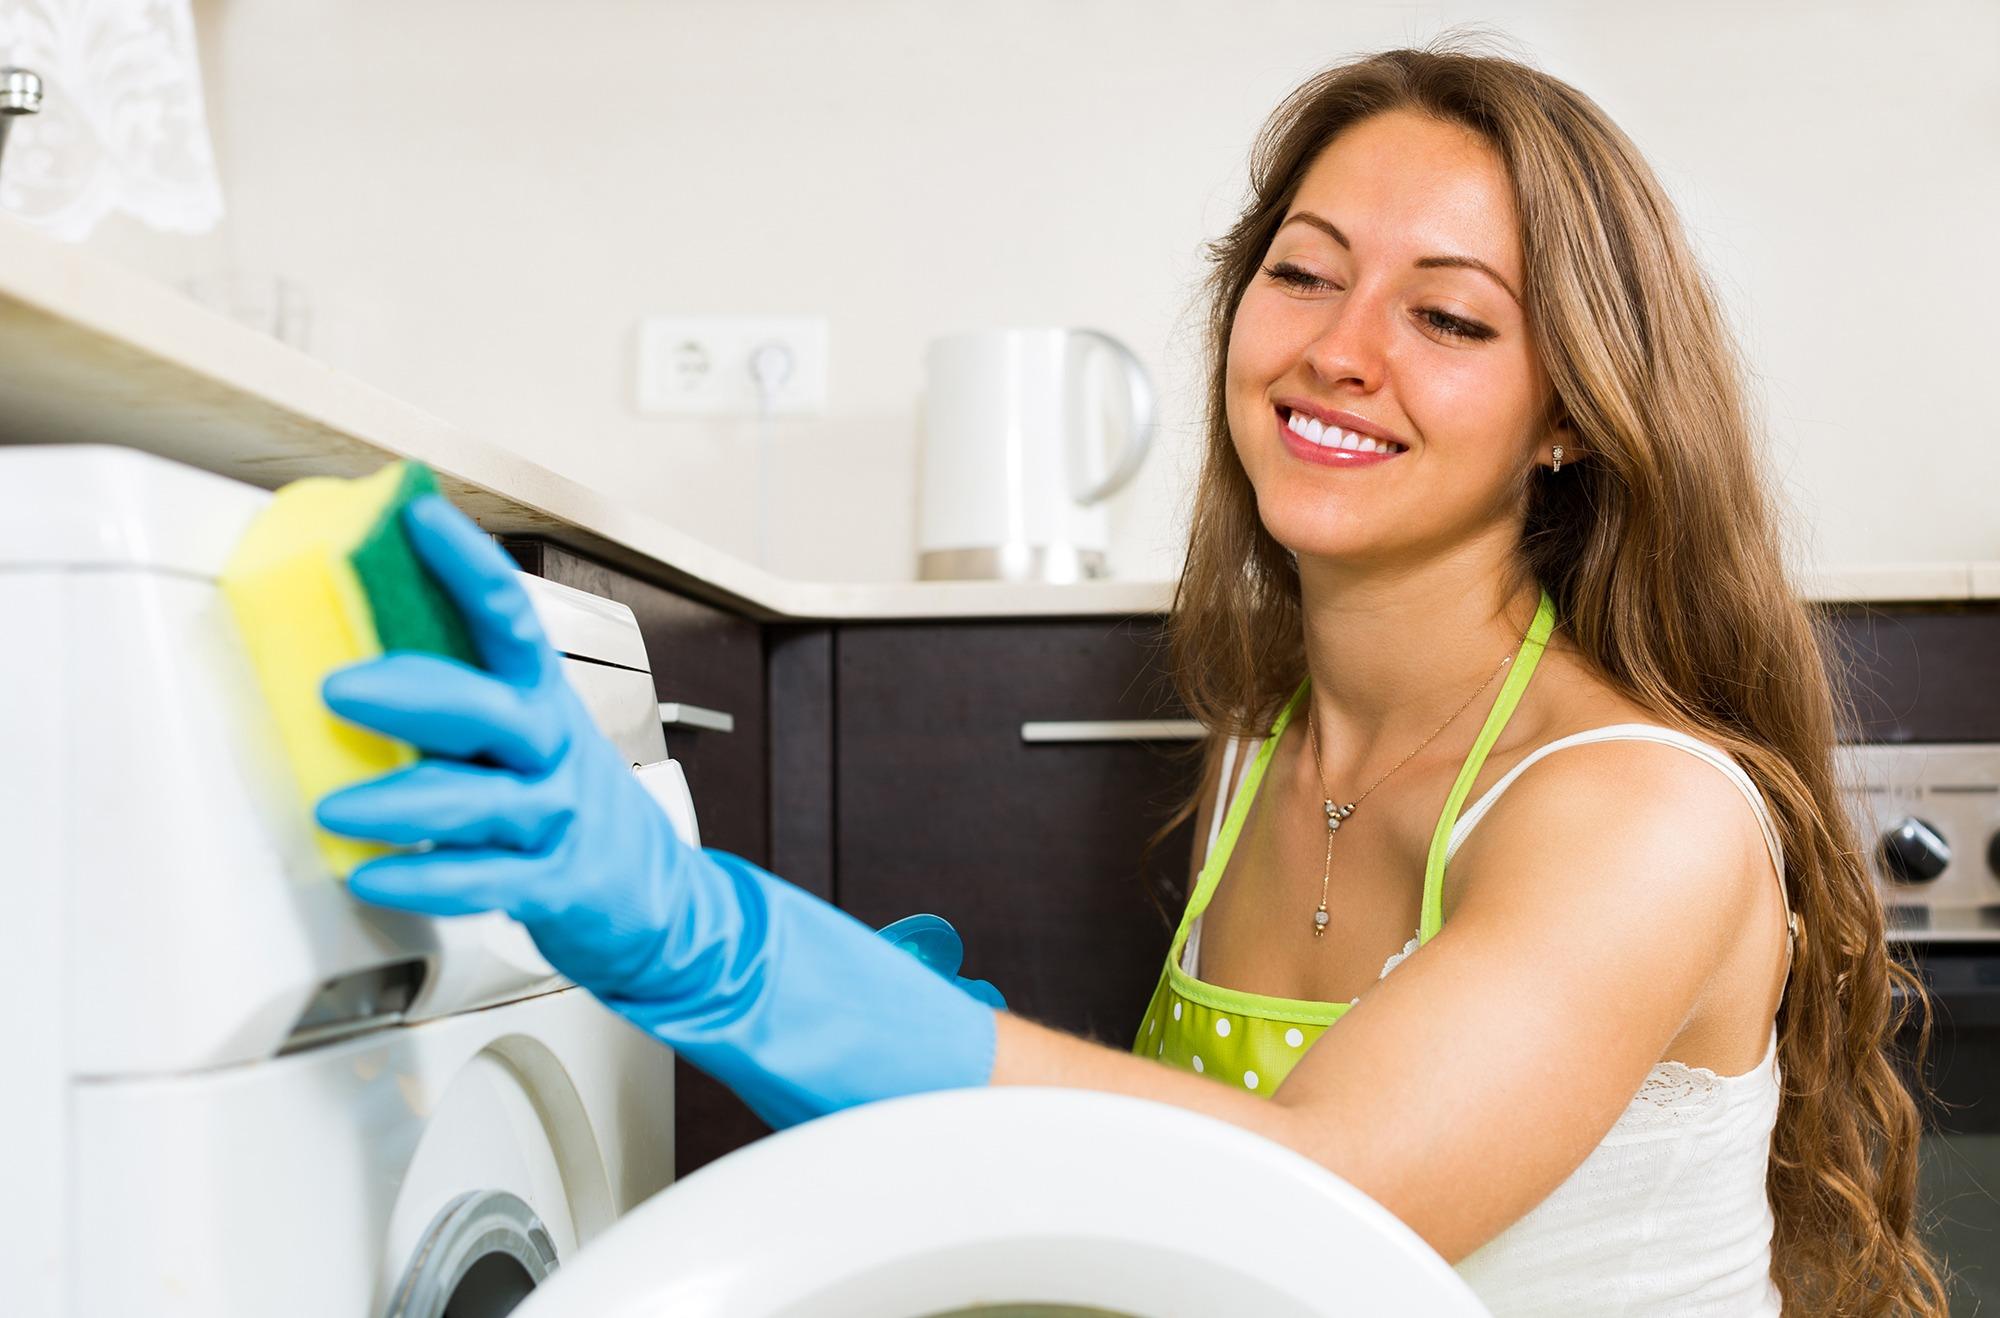 Így szabadulj meg a vízkőtől és a penésztől a mosógépben